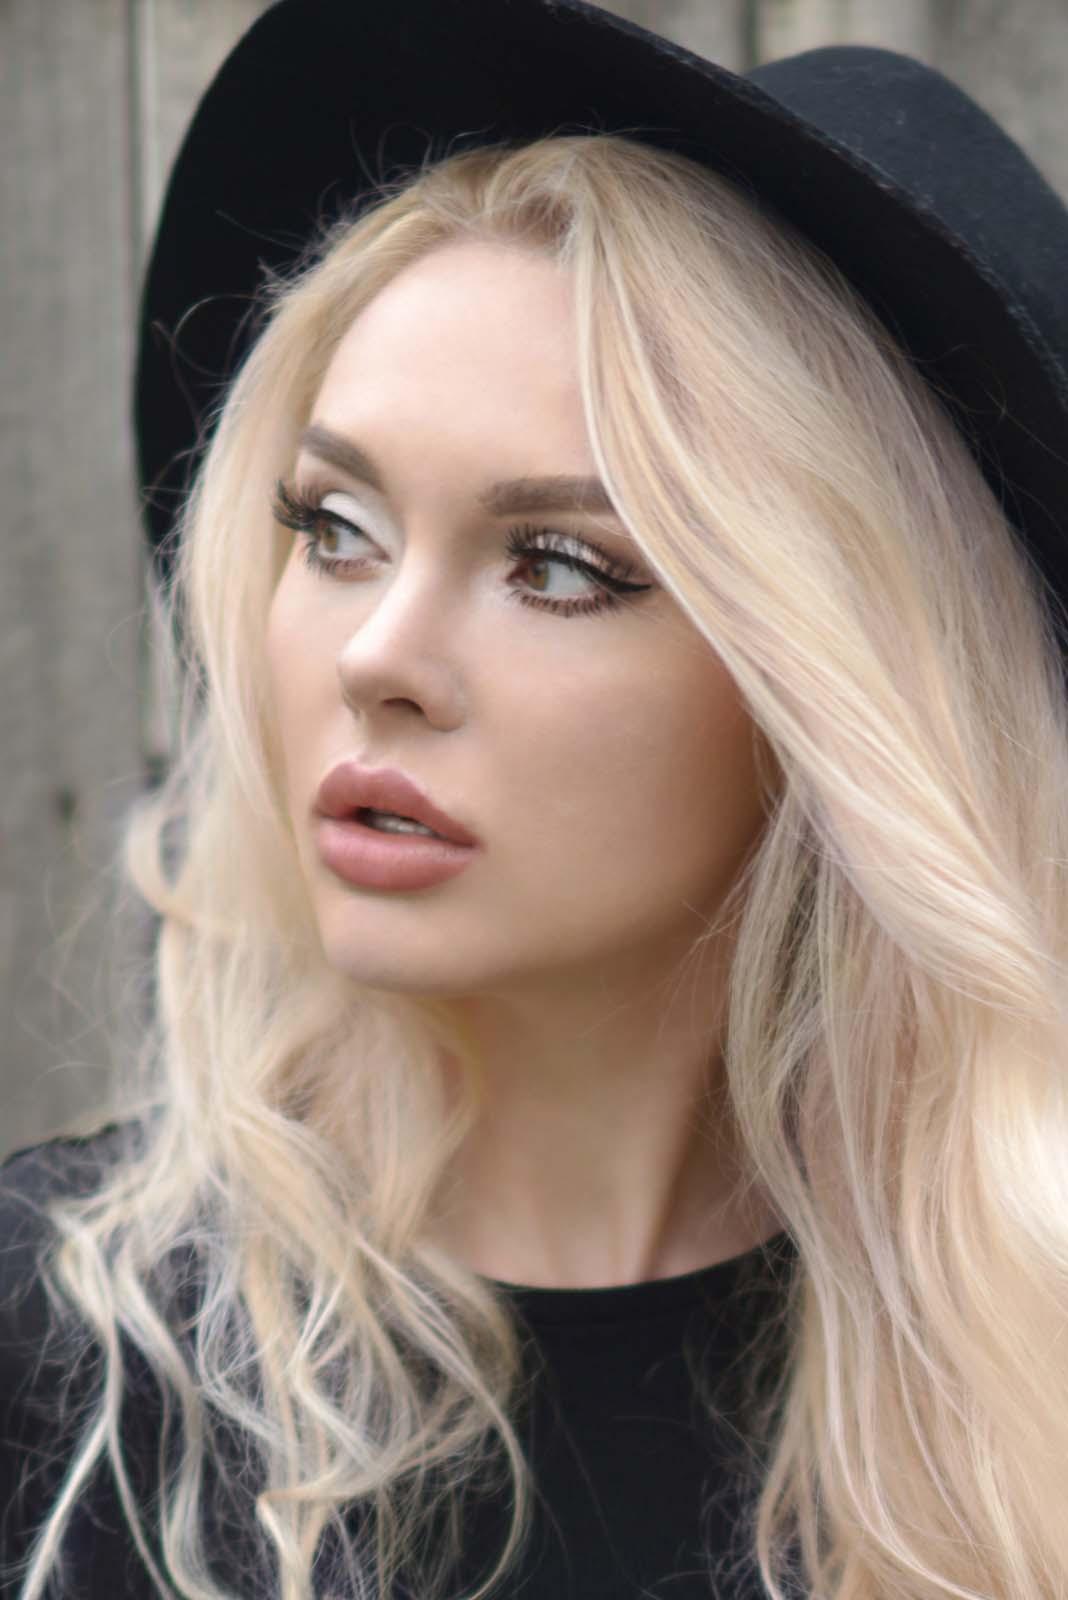 15_vintage_pattern_skirt_black_hat_pompon